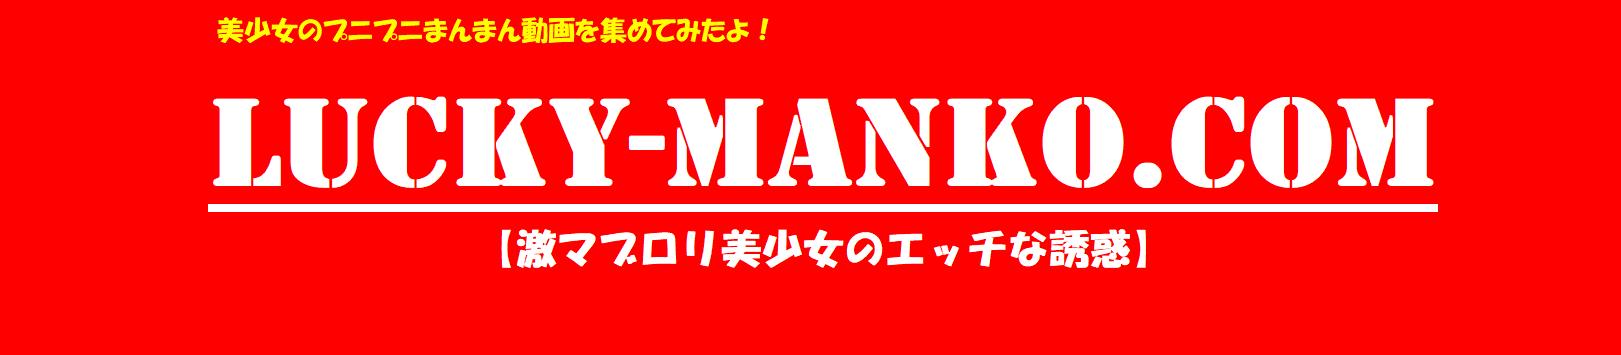 【激マブロリ美少女たちの超エッチな誘惑】ラッキーマンコドットコム